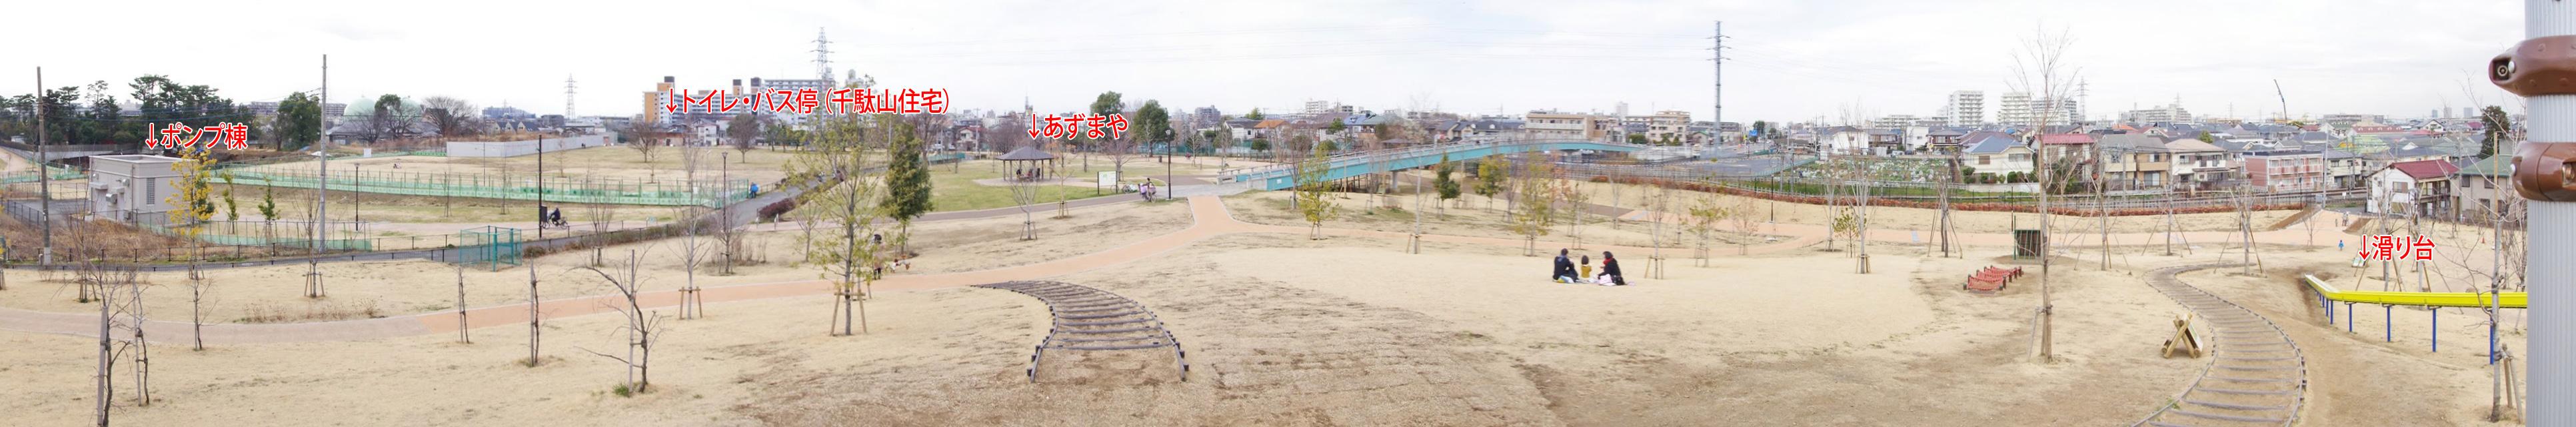 東伏見公園-パノラマ(2)